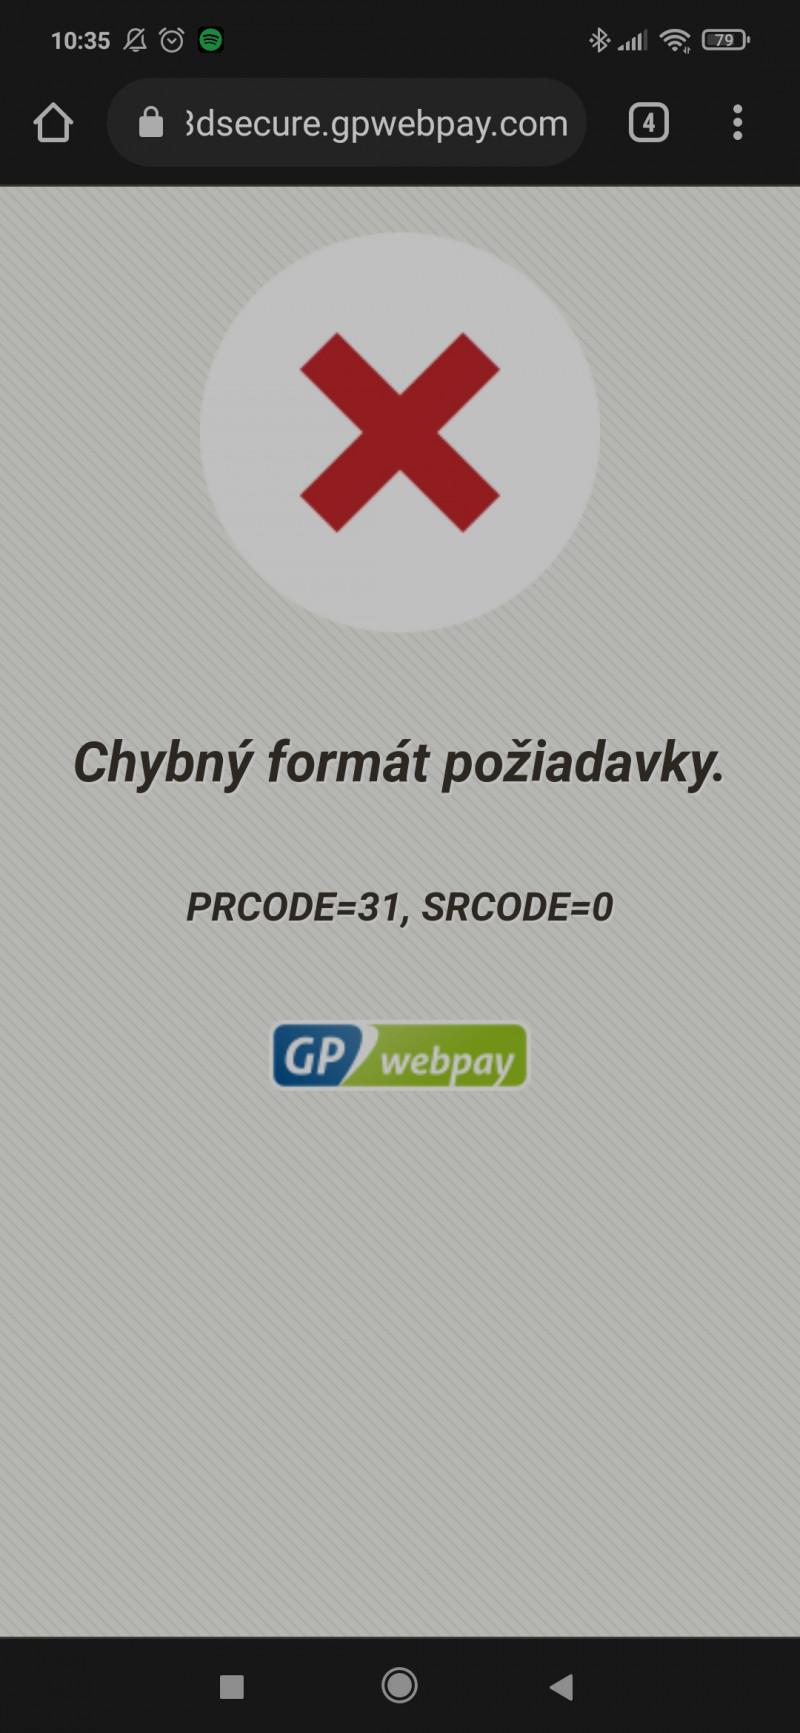 Screenshot_2021-10-11-10-35-51-311_com.android.chrome.jpg